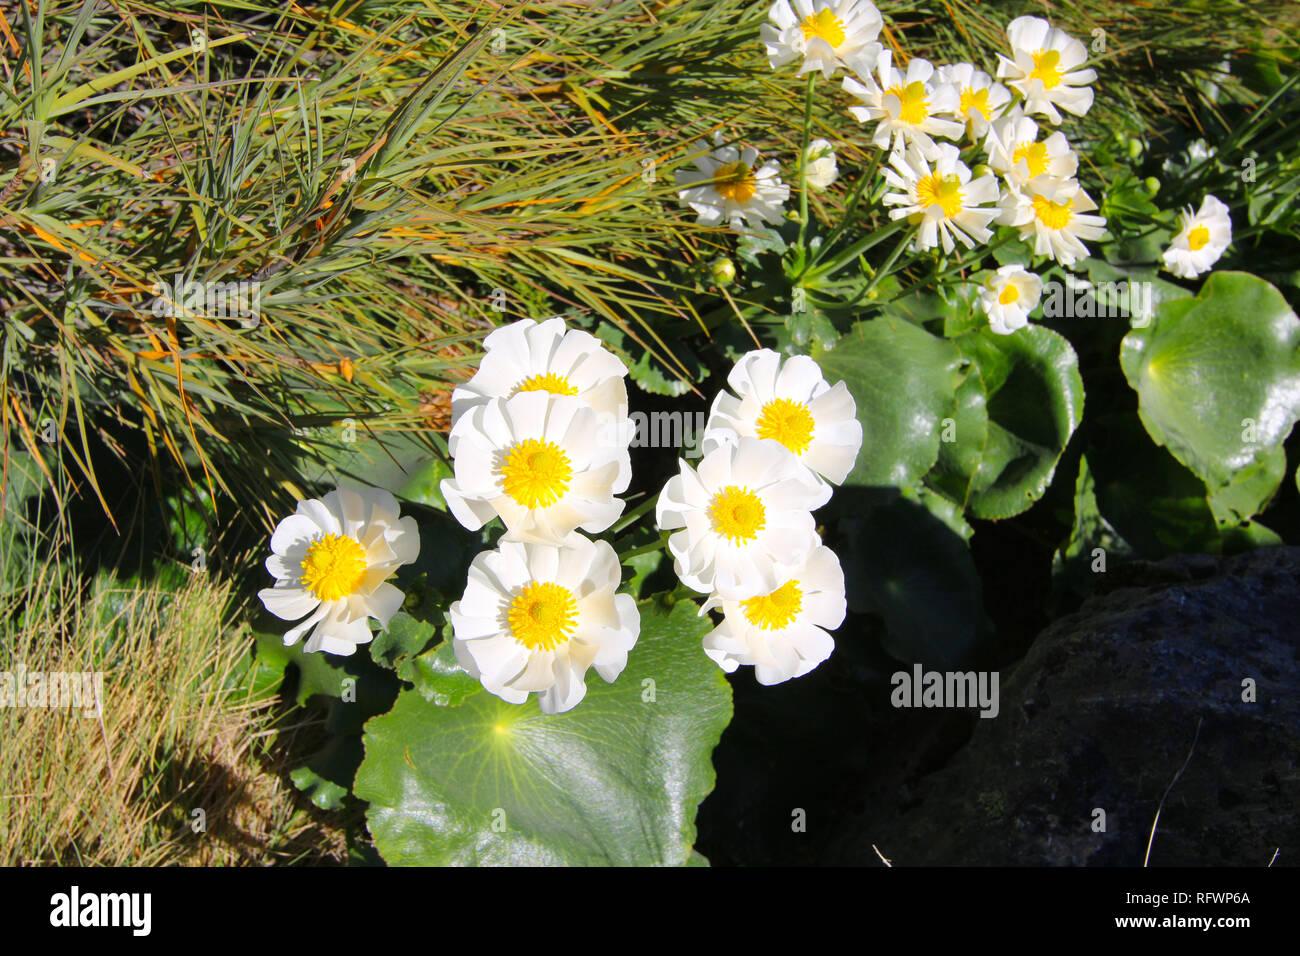 Ranunculus lyallii, une espèce de renoncule (Ranunculus), endémique de la Nouvelle-Zélande. Hooker Valley Track, île du Sud, Nouvelle-Zélande Banque D'Images